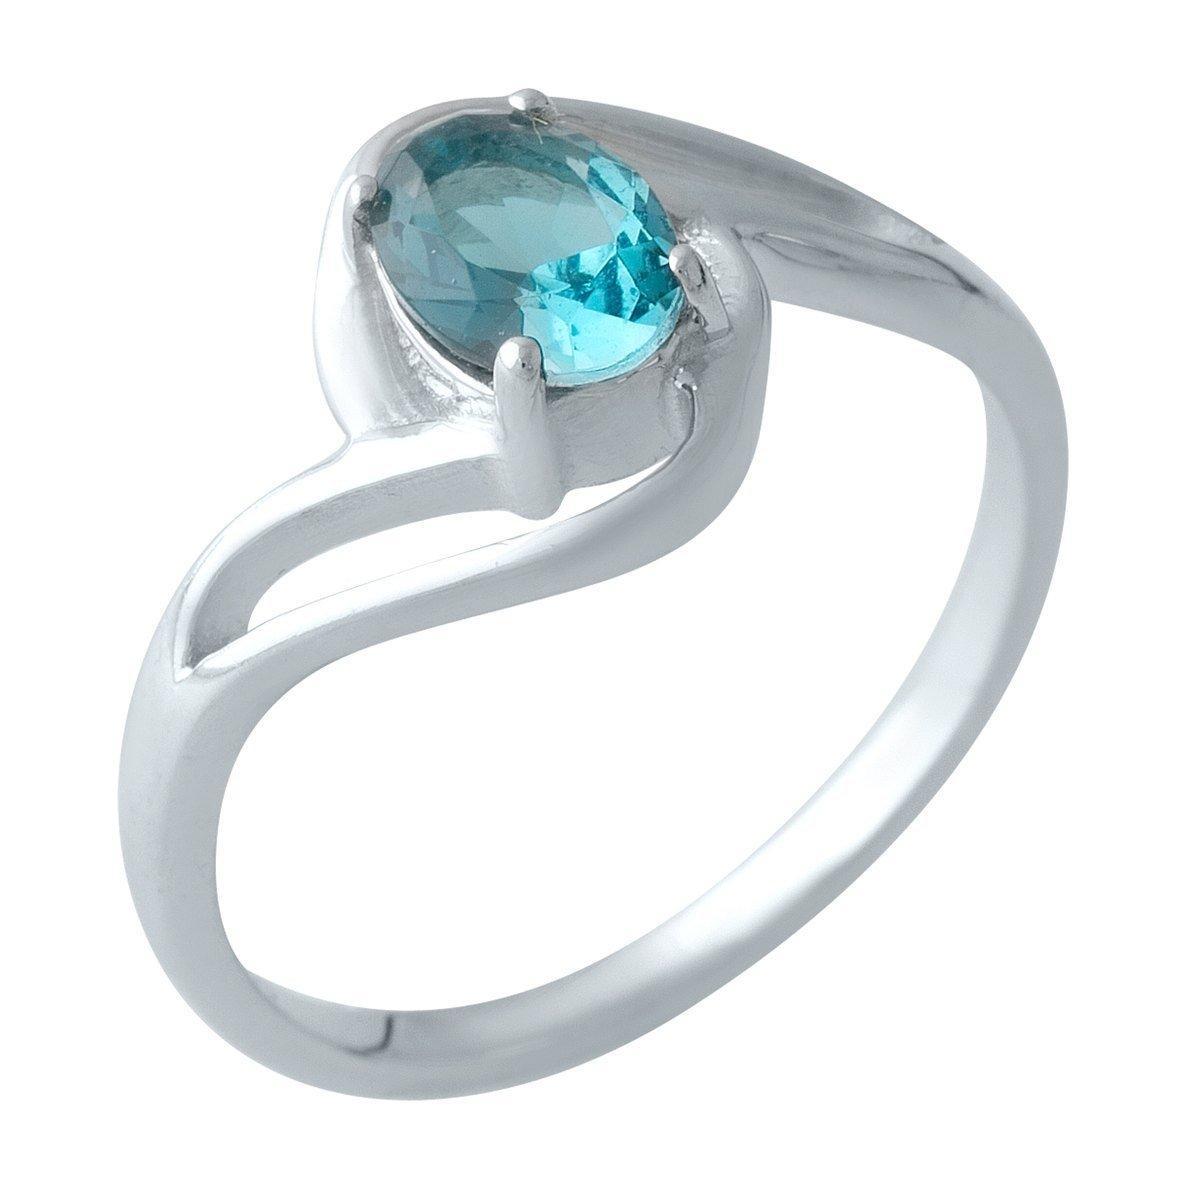 Серебряное кольцо DreamJewelry с натуральным топазом Лондон Блю (1997925) 18 размер